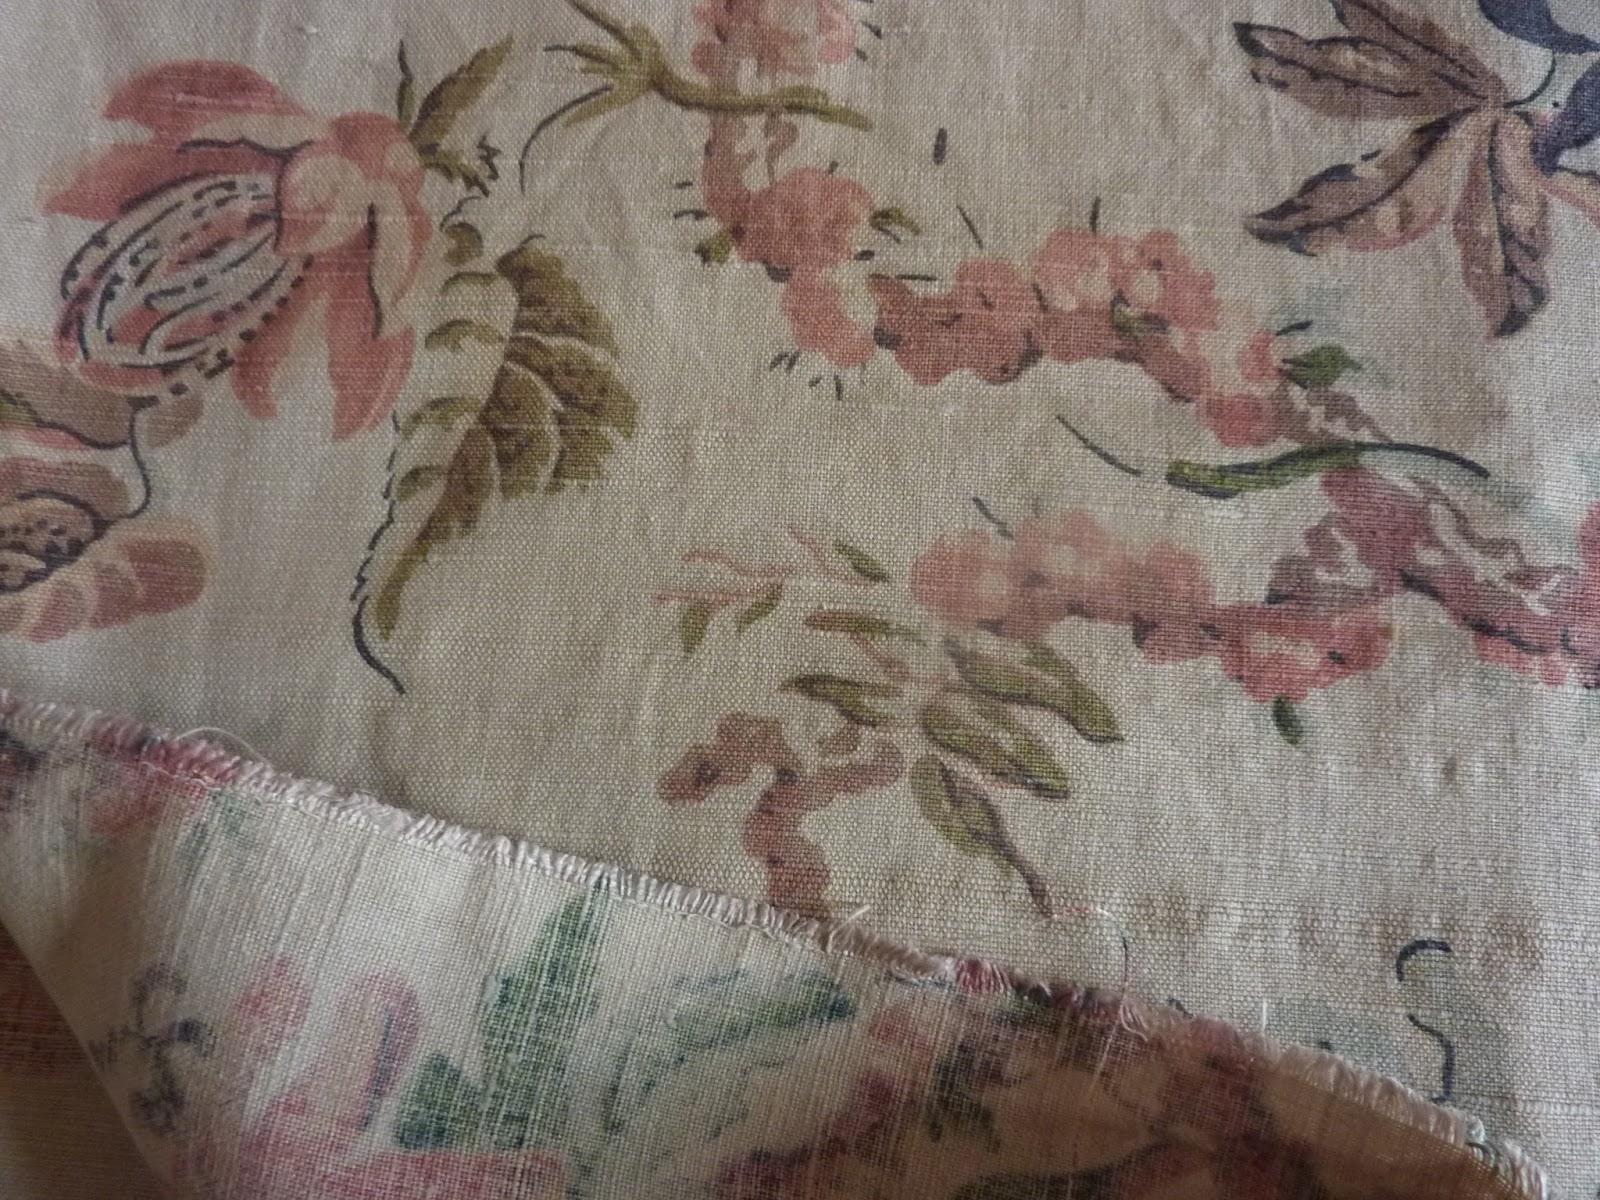 les ateliers la grande goule 807 magnifique tissu ameublement ancien 19e fleuri clematites fond. Black Bedroom Furniture Sets. Home Design Ideas